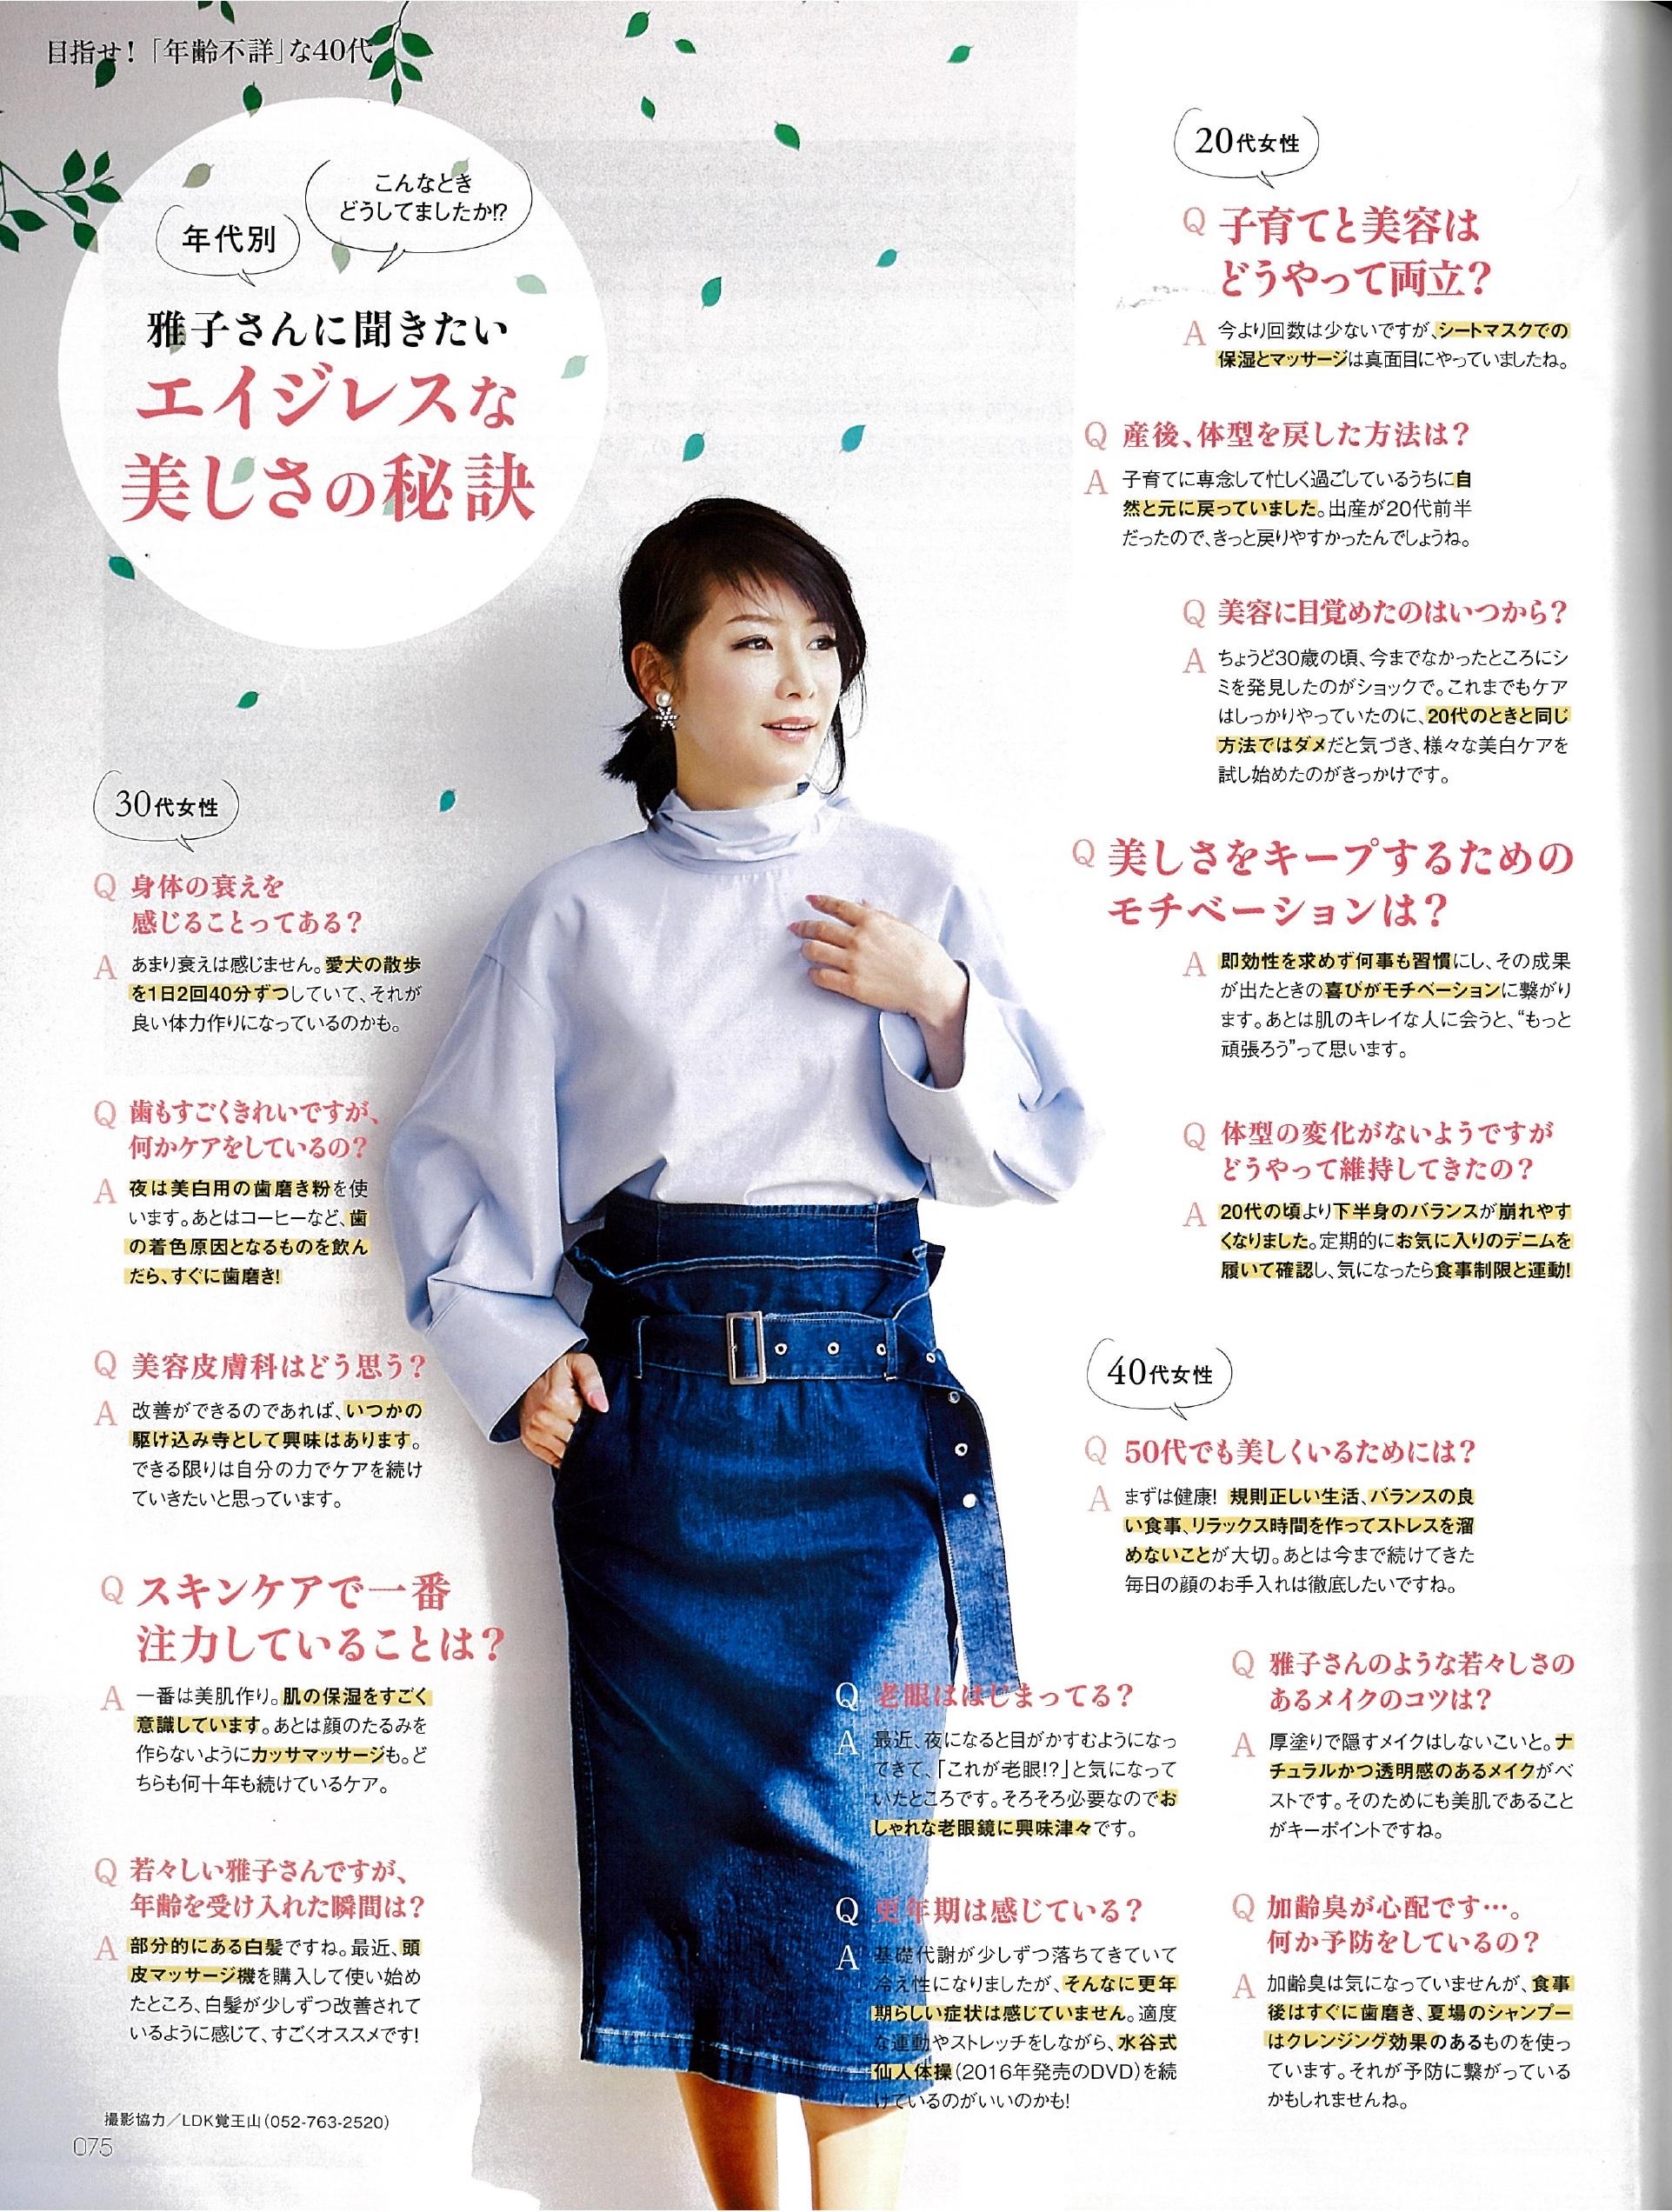 水谷雅子さん01